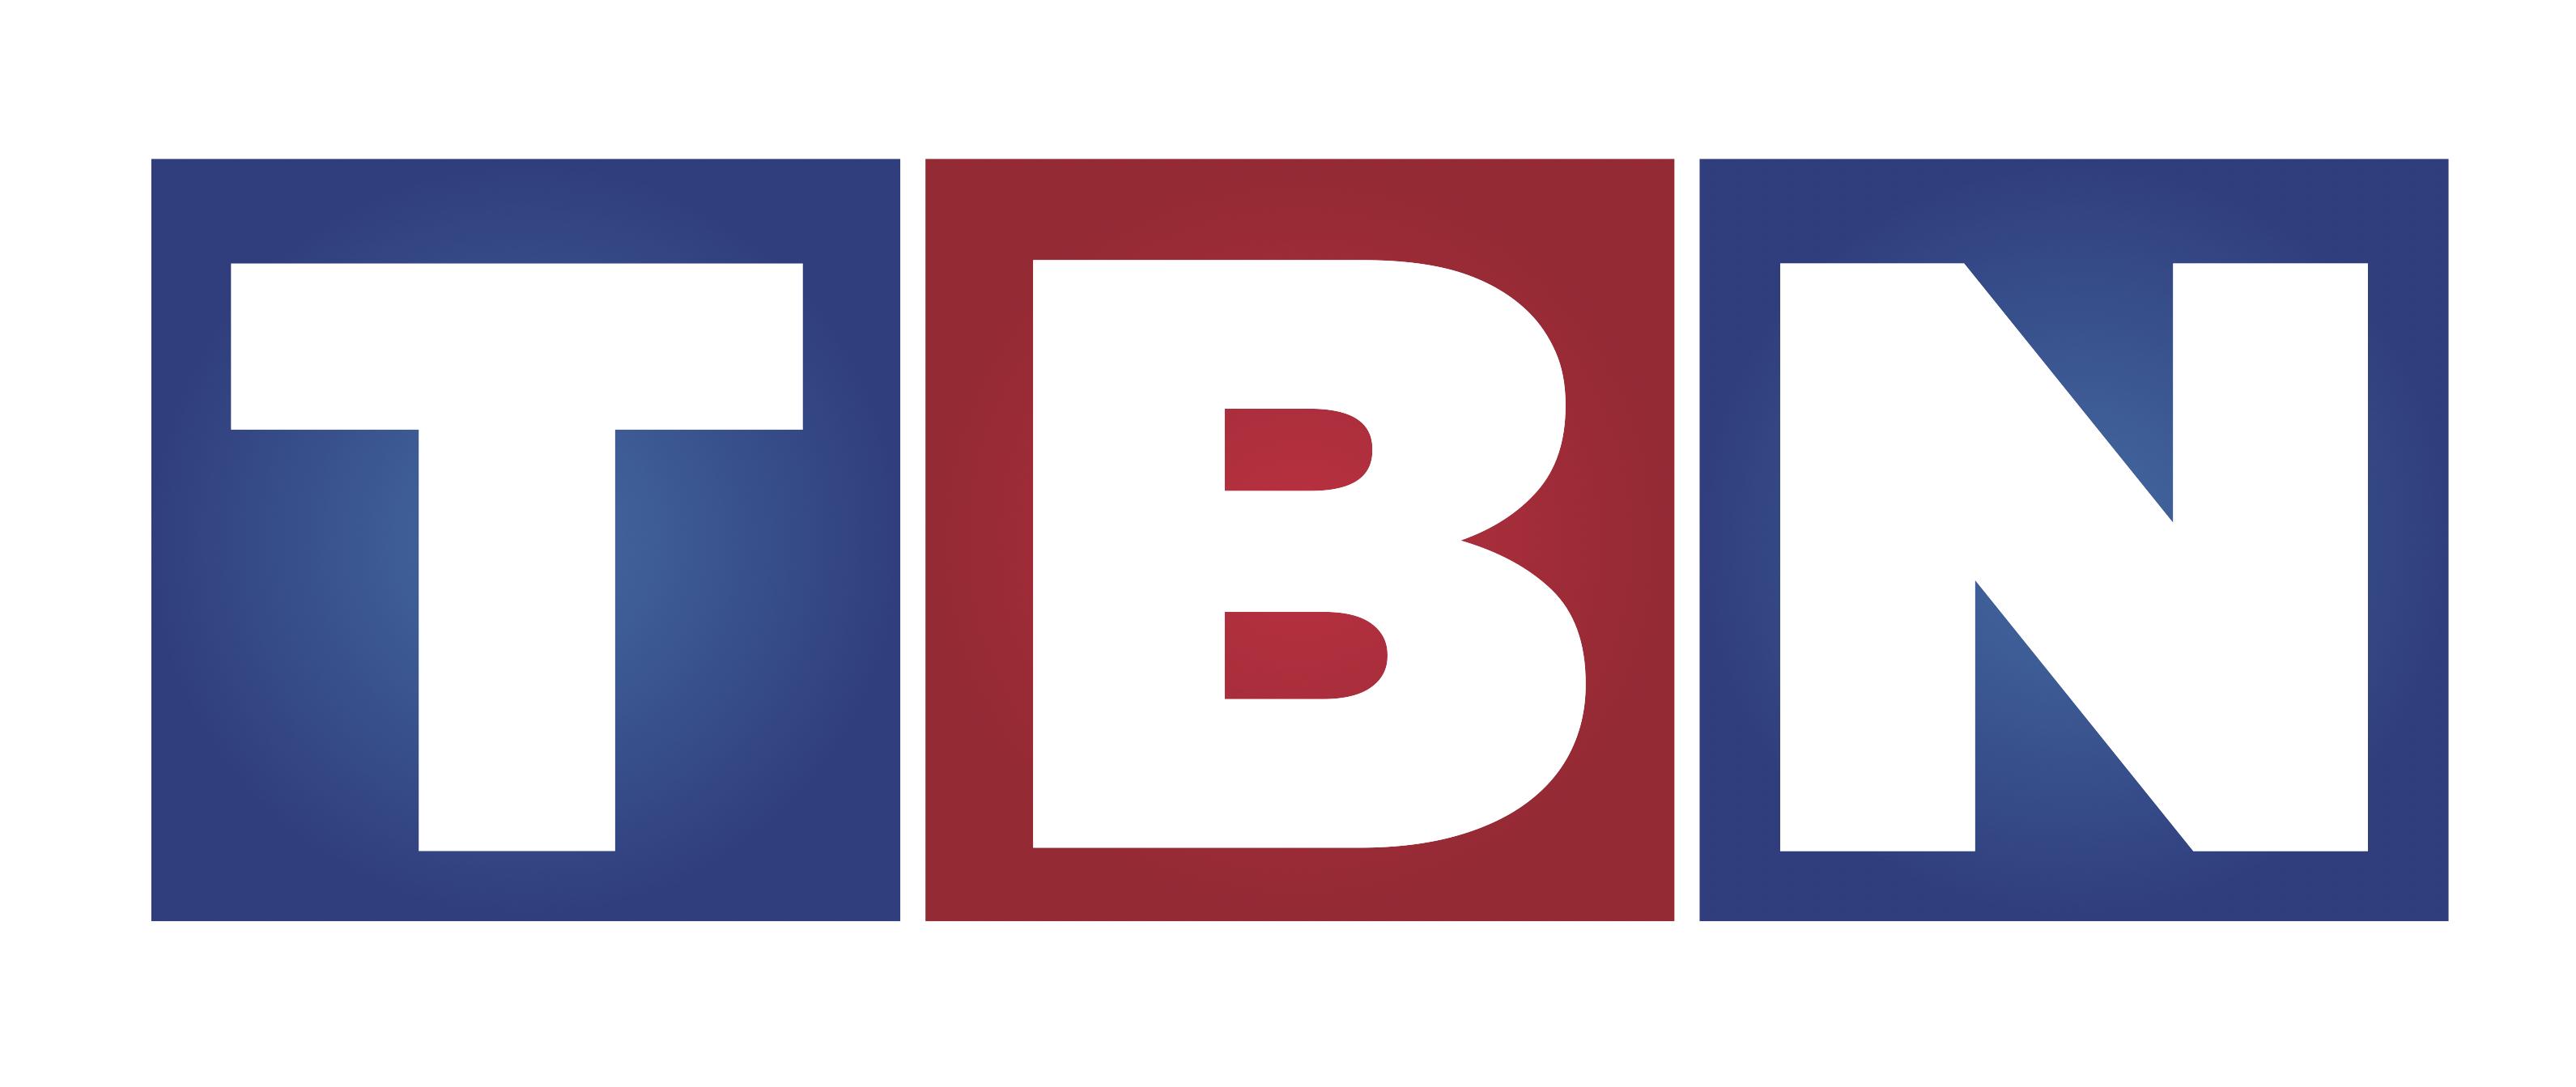 telus optik tv hd channel guide